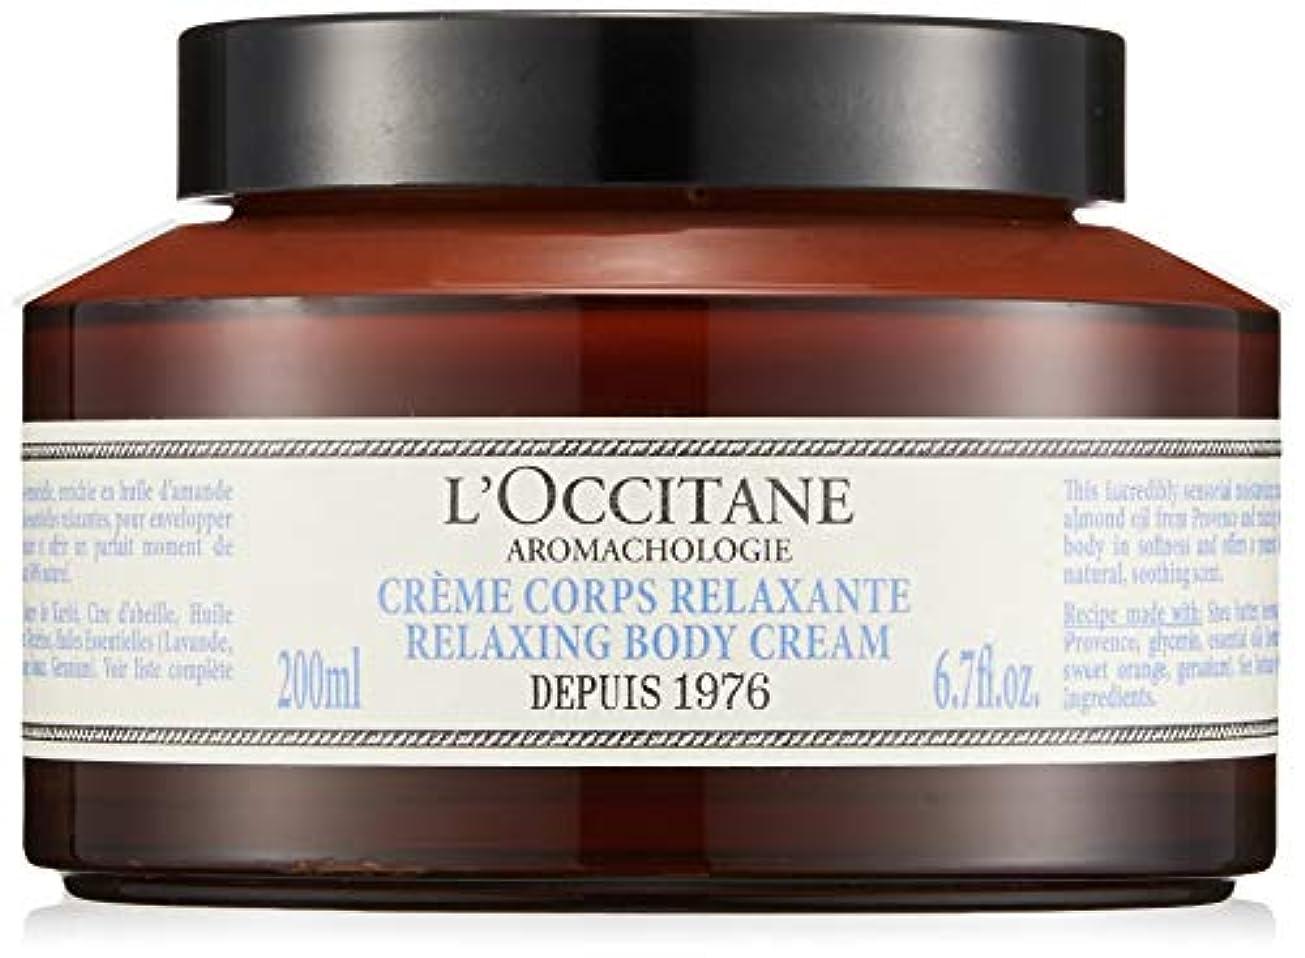 説明するスカイプレゼントロクシタン(L'OCCITANE) リラクシング ボディクリーム 200ml